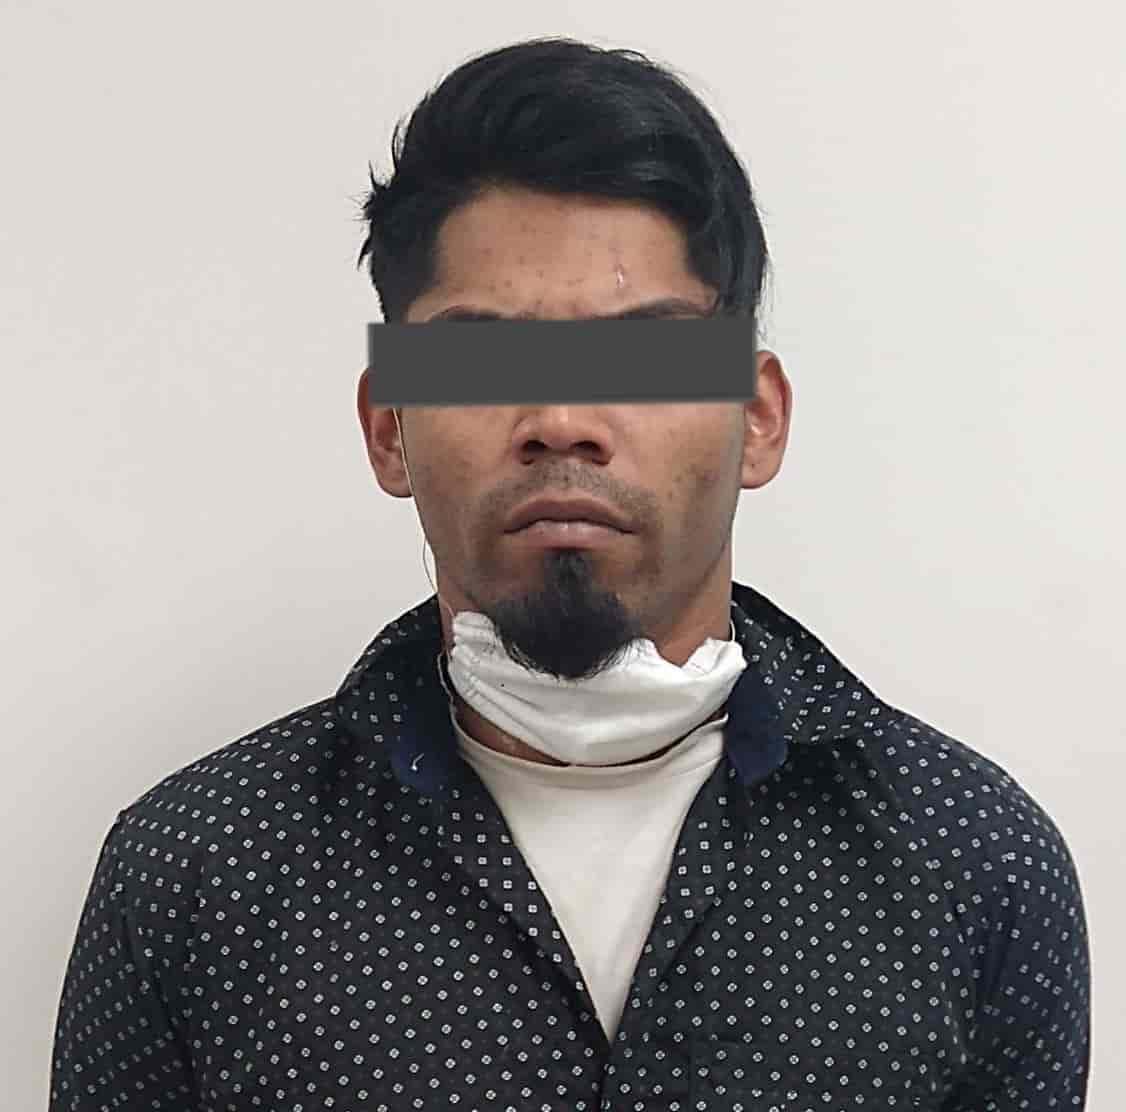 Arrestaron a un involucrado en el secuestro de una persona que posteriormente fue encontrada sin vida